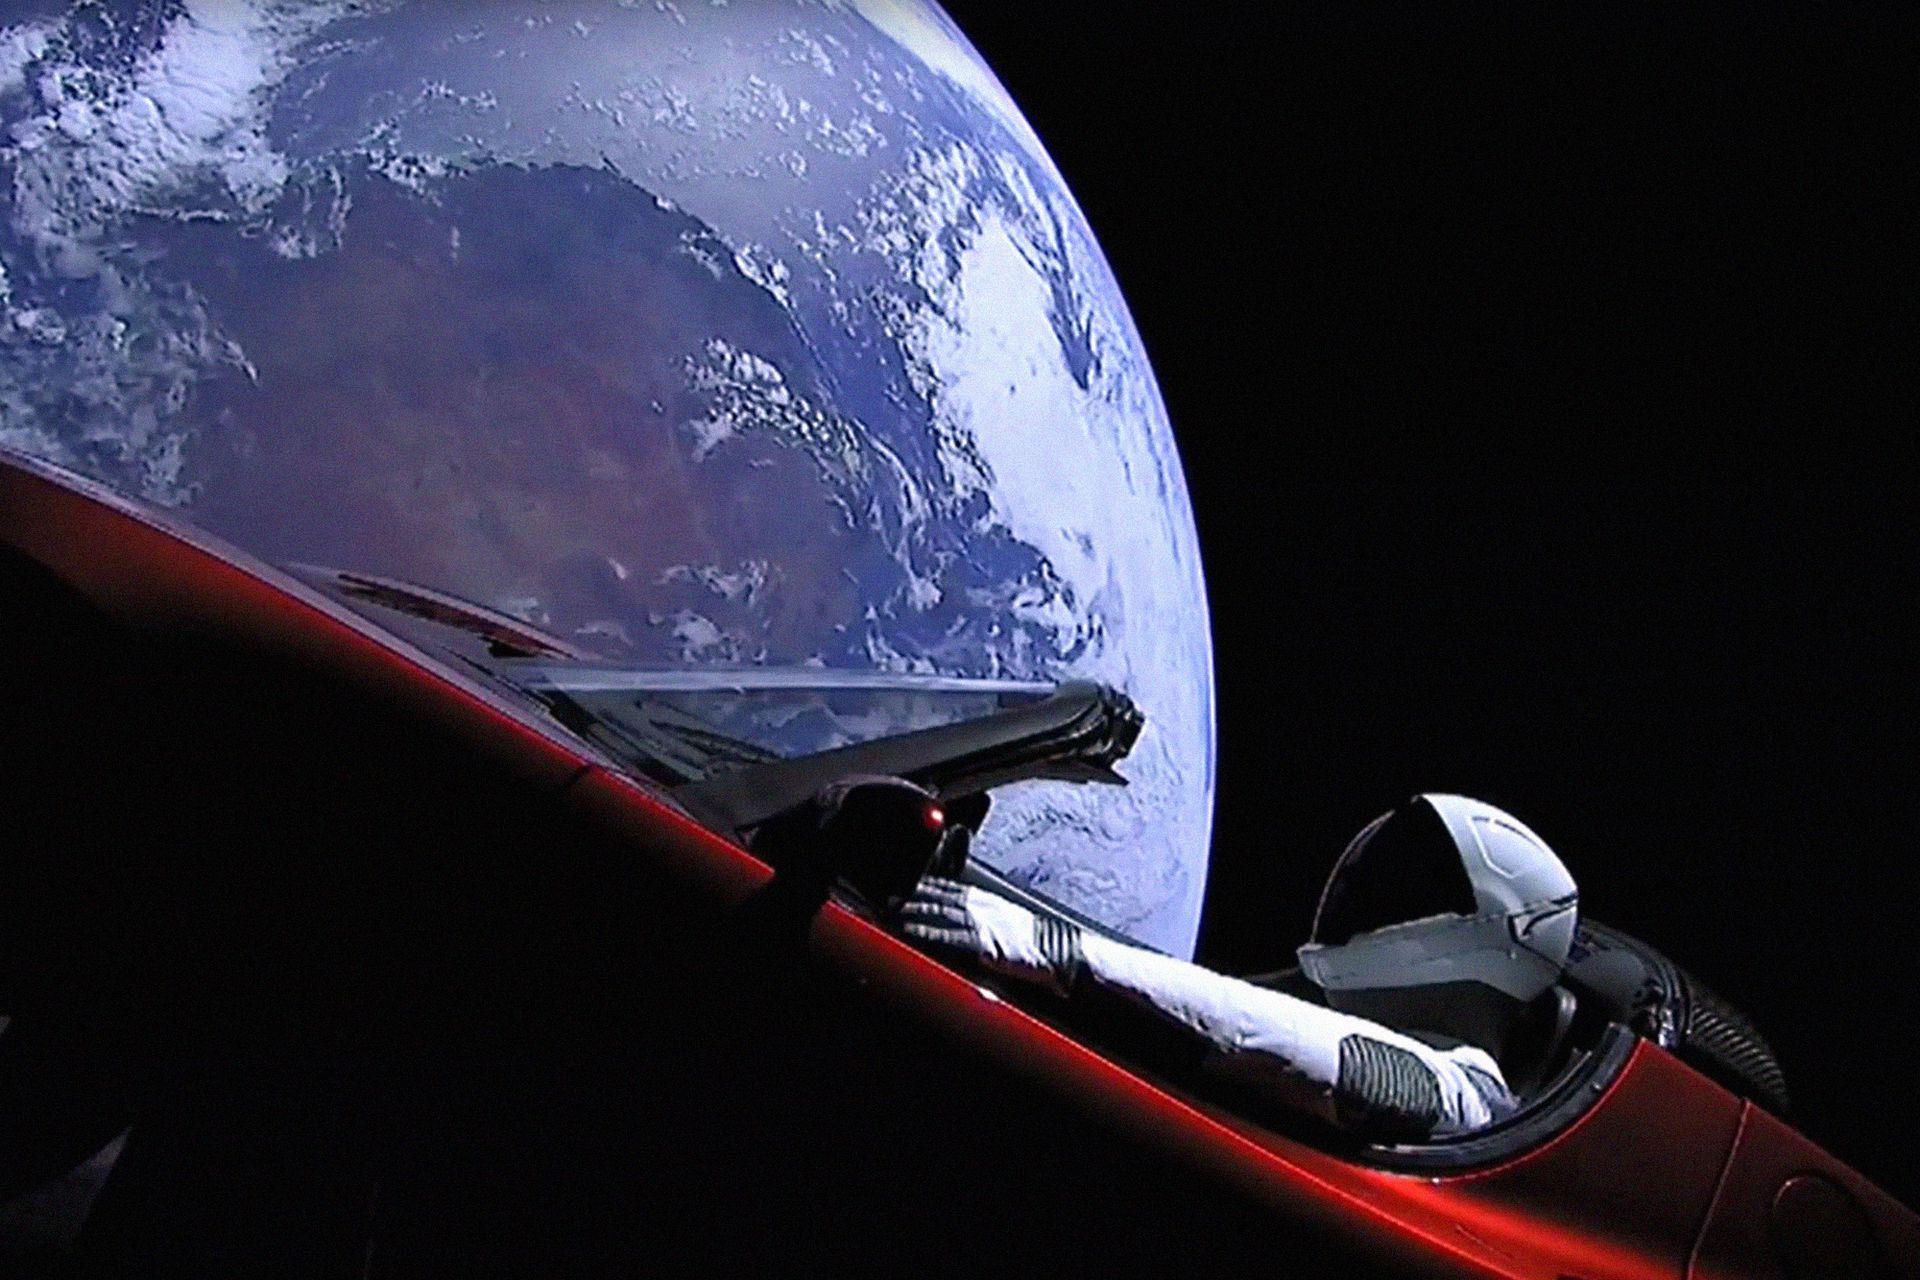 """Imagen tomada del livestream de SpaceX en el que se ve a """"Starman"""" sentado en el """"cherry red Tesla roasdter"""" ya en órbita"""